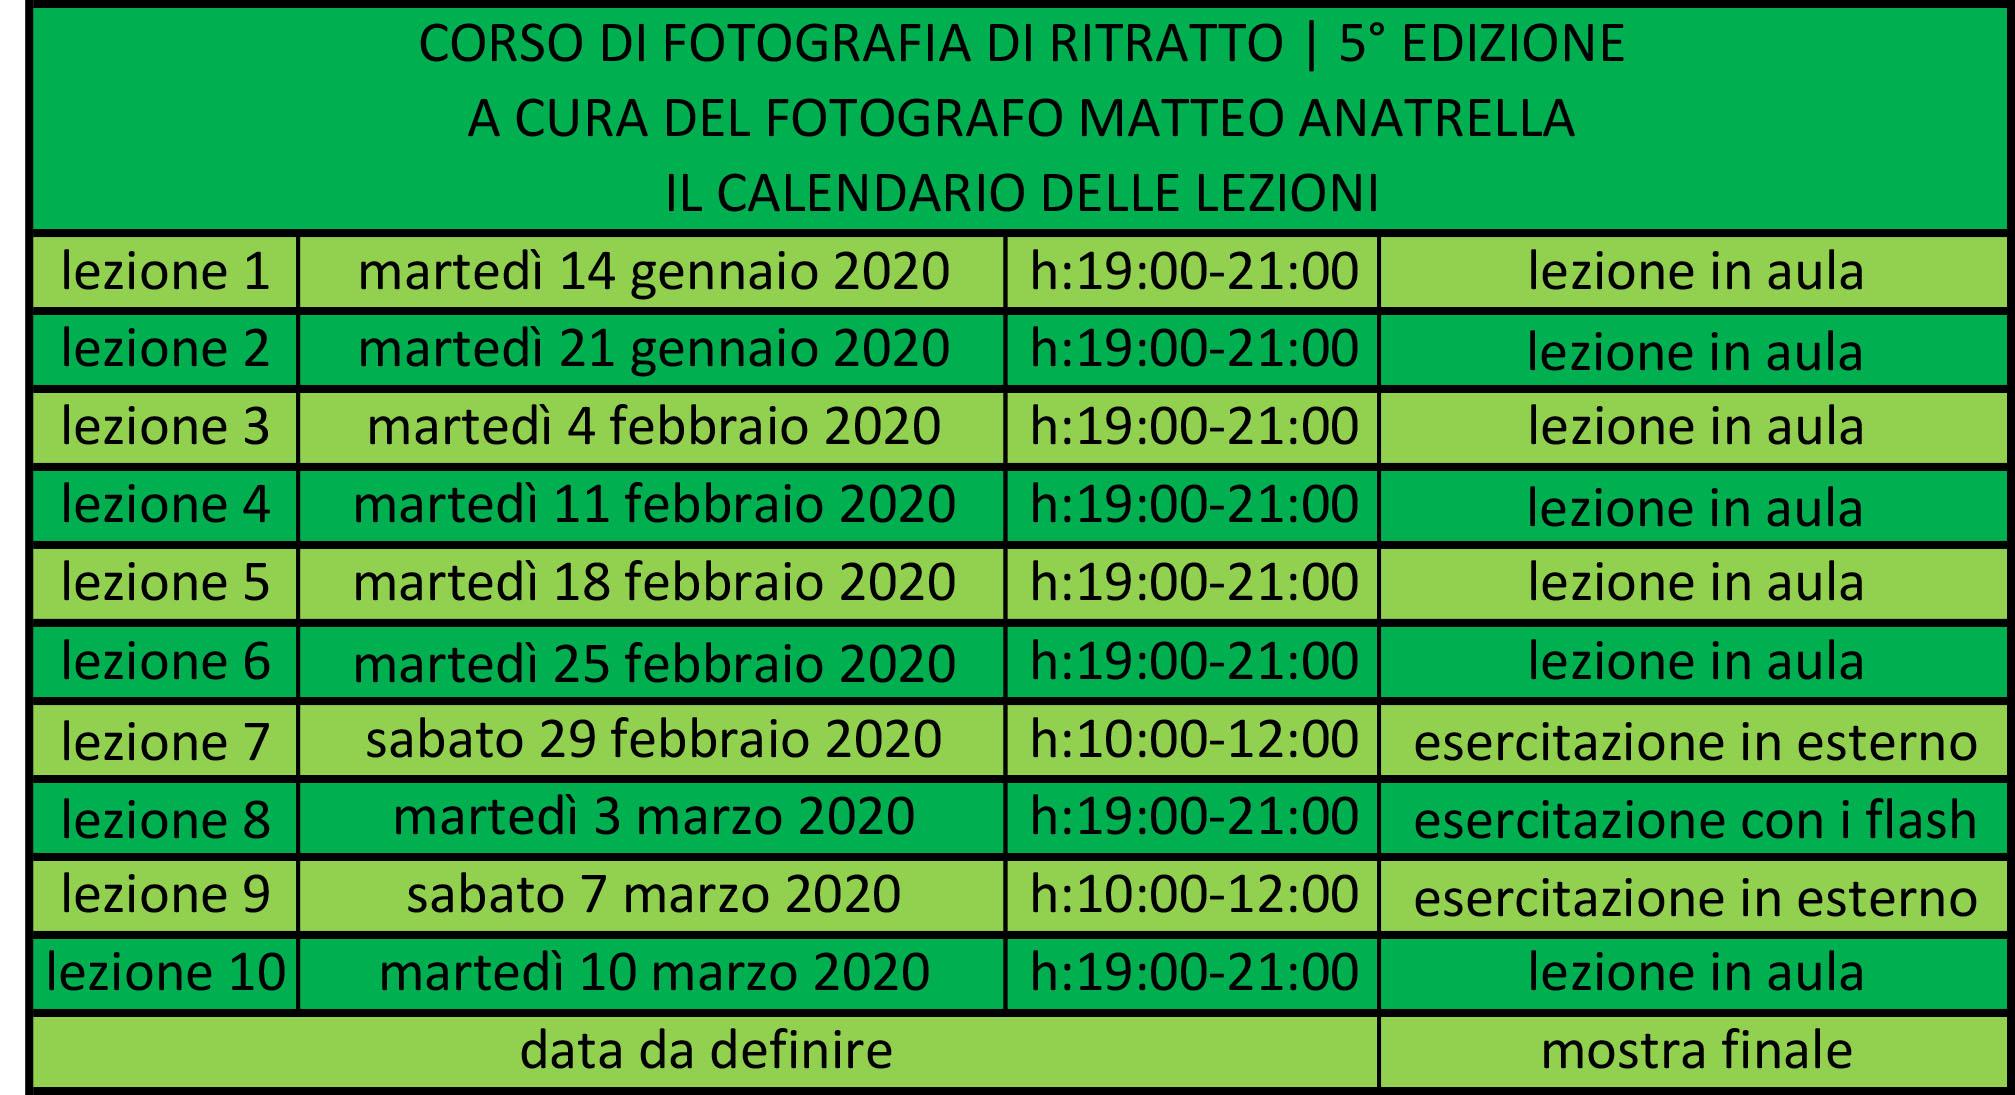 calendario delle lezioni del corso di fotografia di ritratto